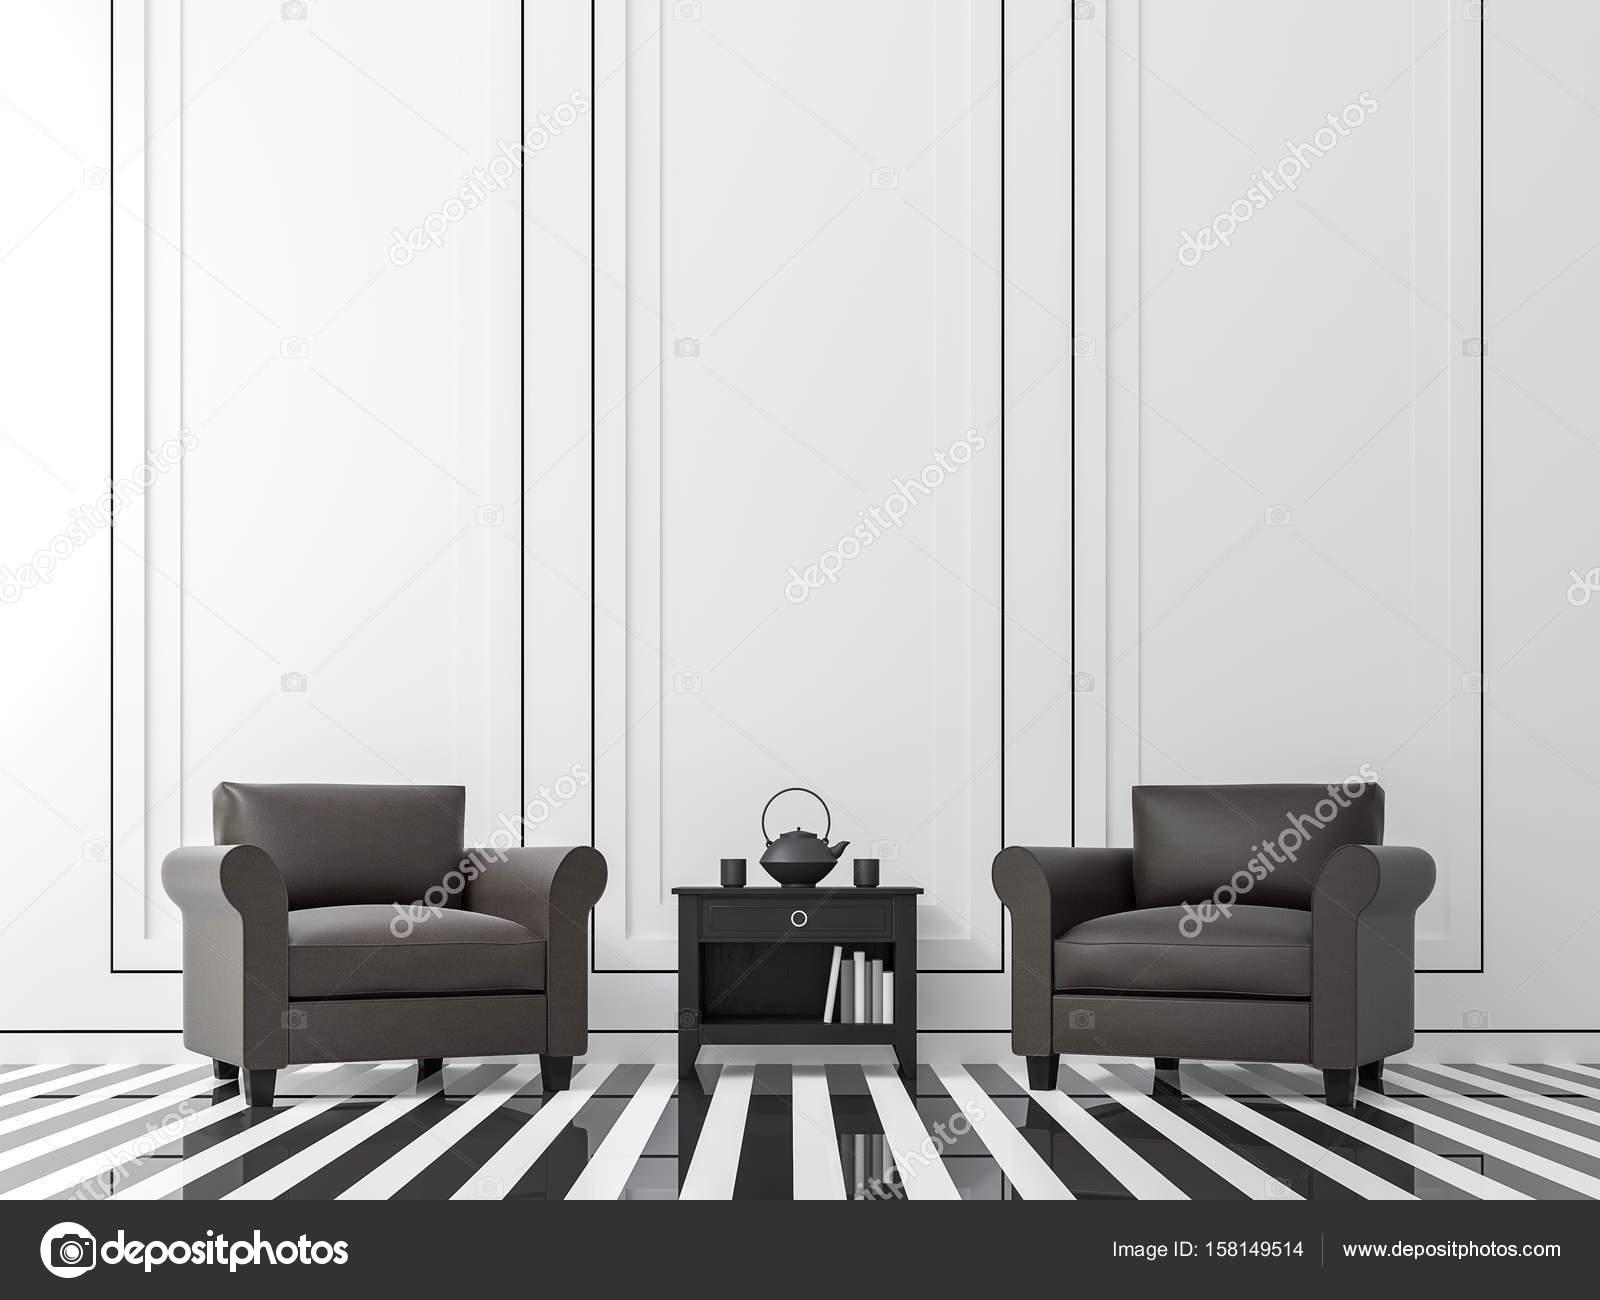 Donkere Vintage Woonkamer : Modern vintage woonkamer met zwart wit afbeelding van 3d rendering